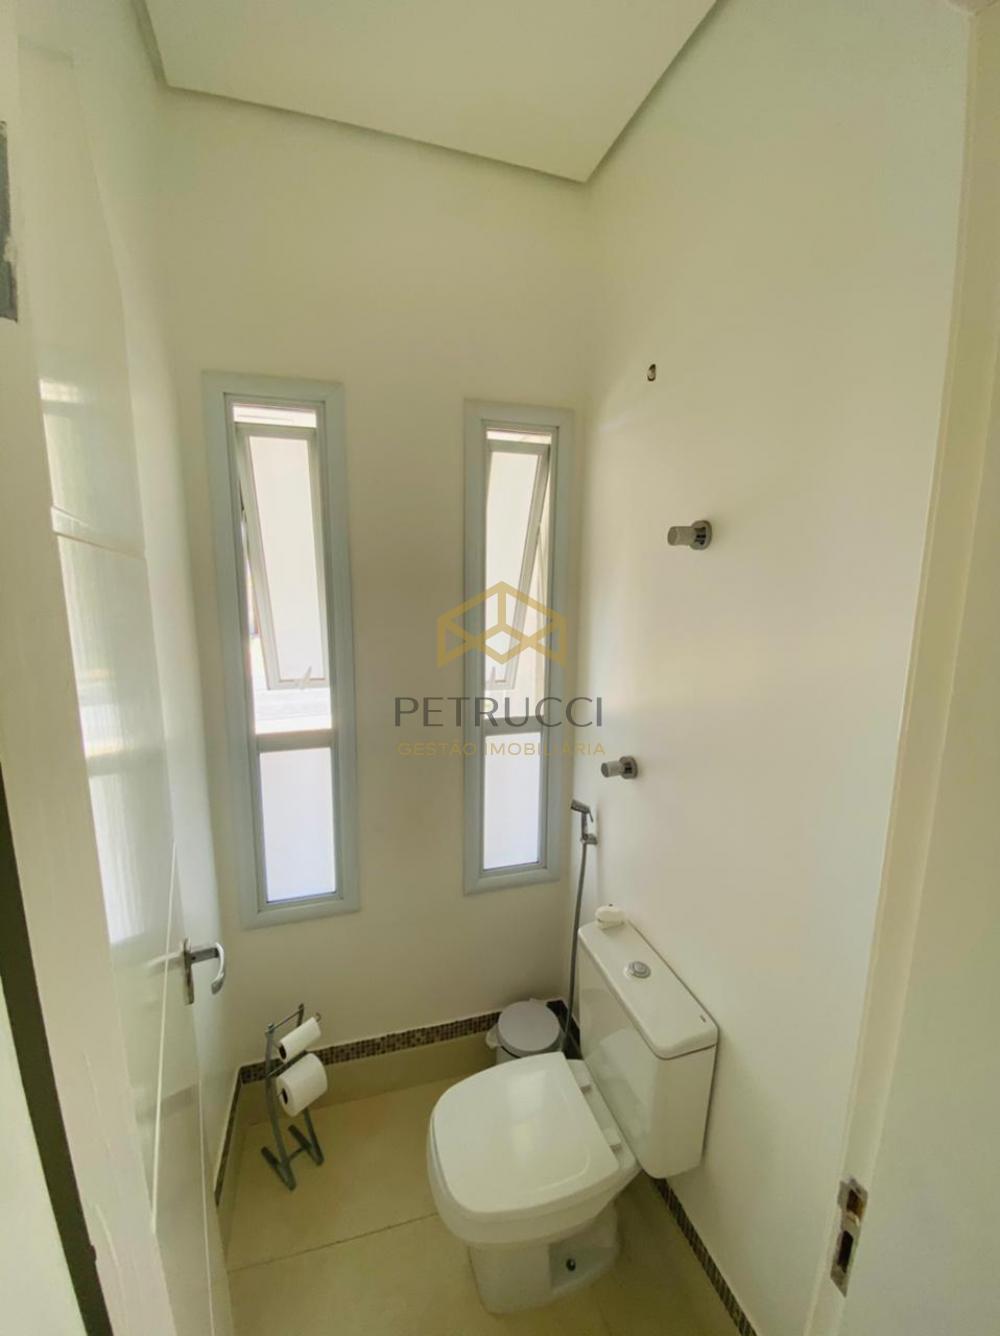 Comprar Casa / Sobrado em Condomínio em Campinas R$ 1.350.000,00 - Foto 30